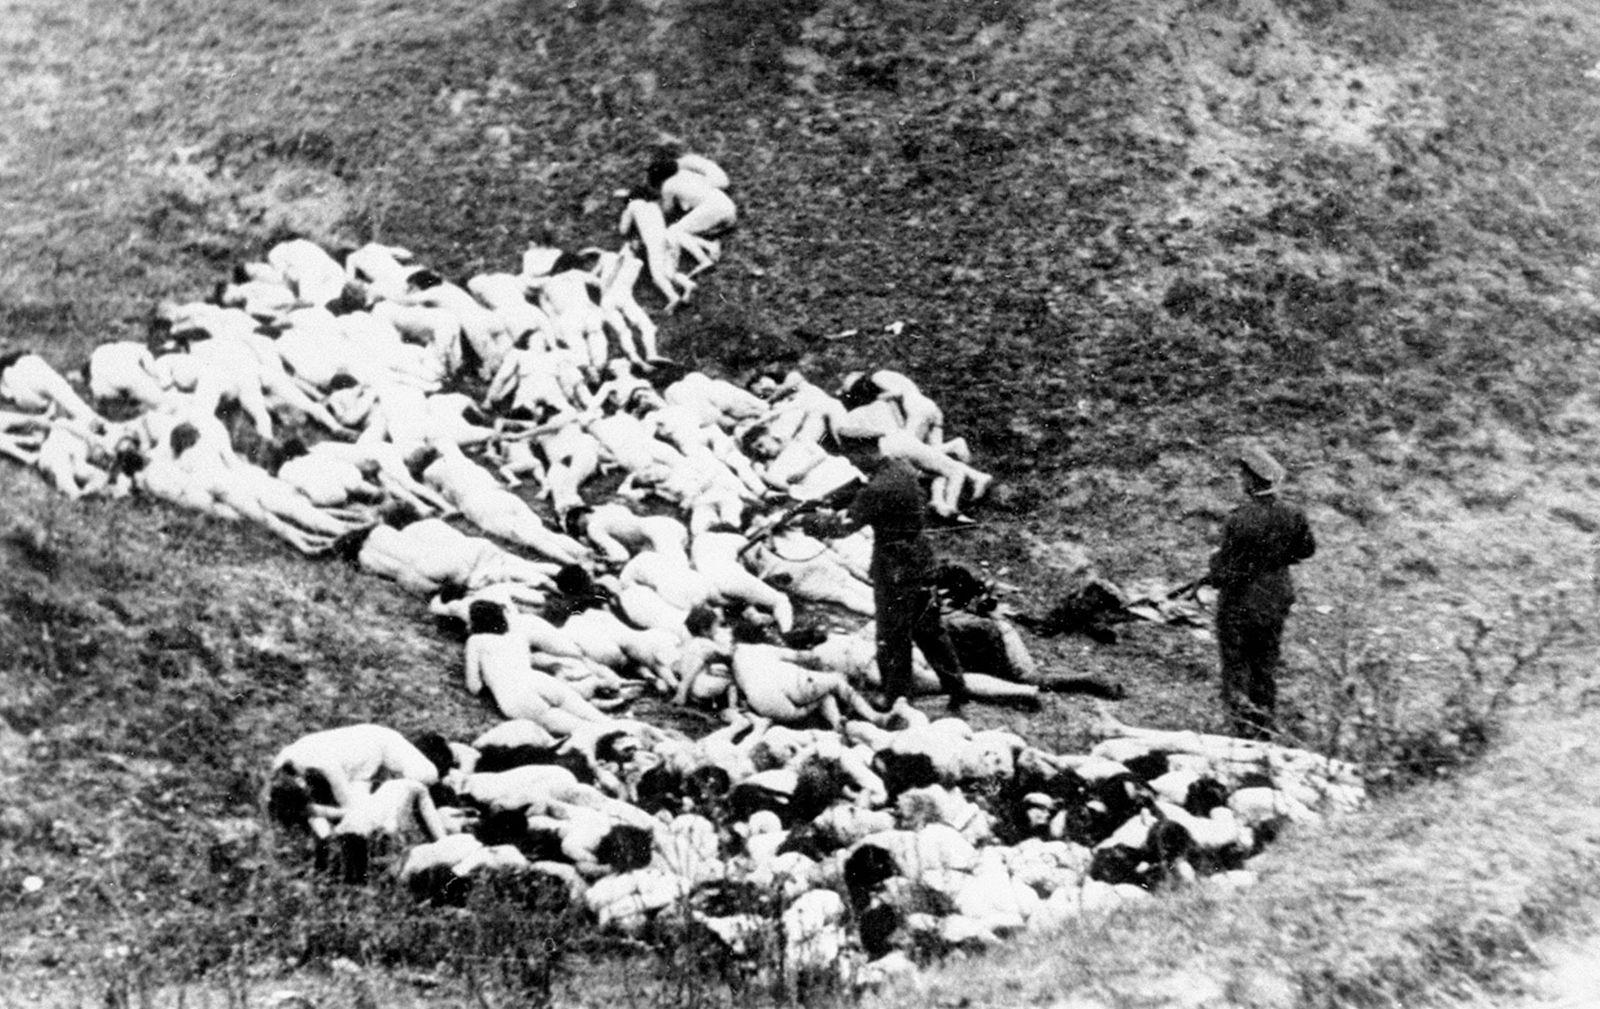 Russia / Ukraine: German 'einsatzgruppen' paramilitary death squads murder Jews in the Ukraine, July-September 1941